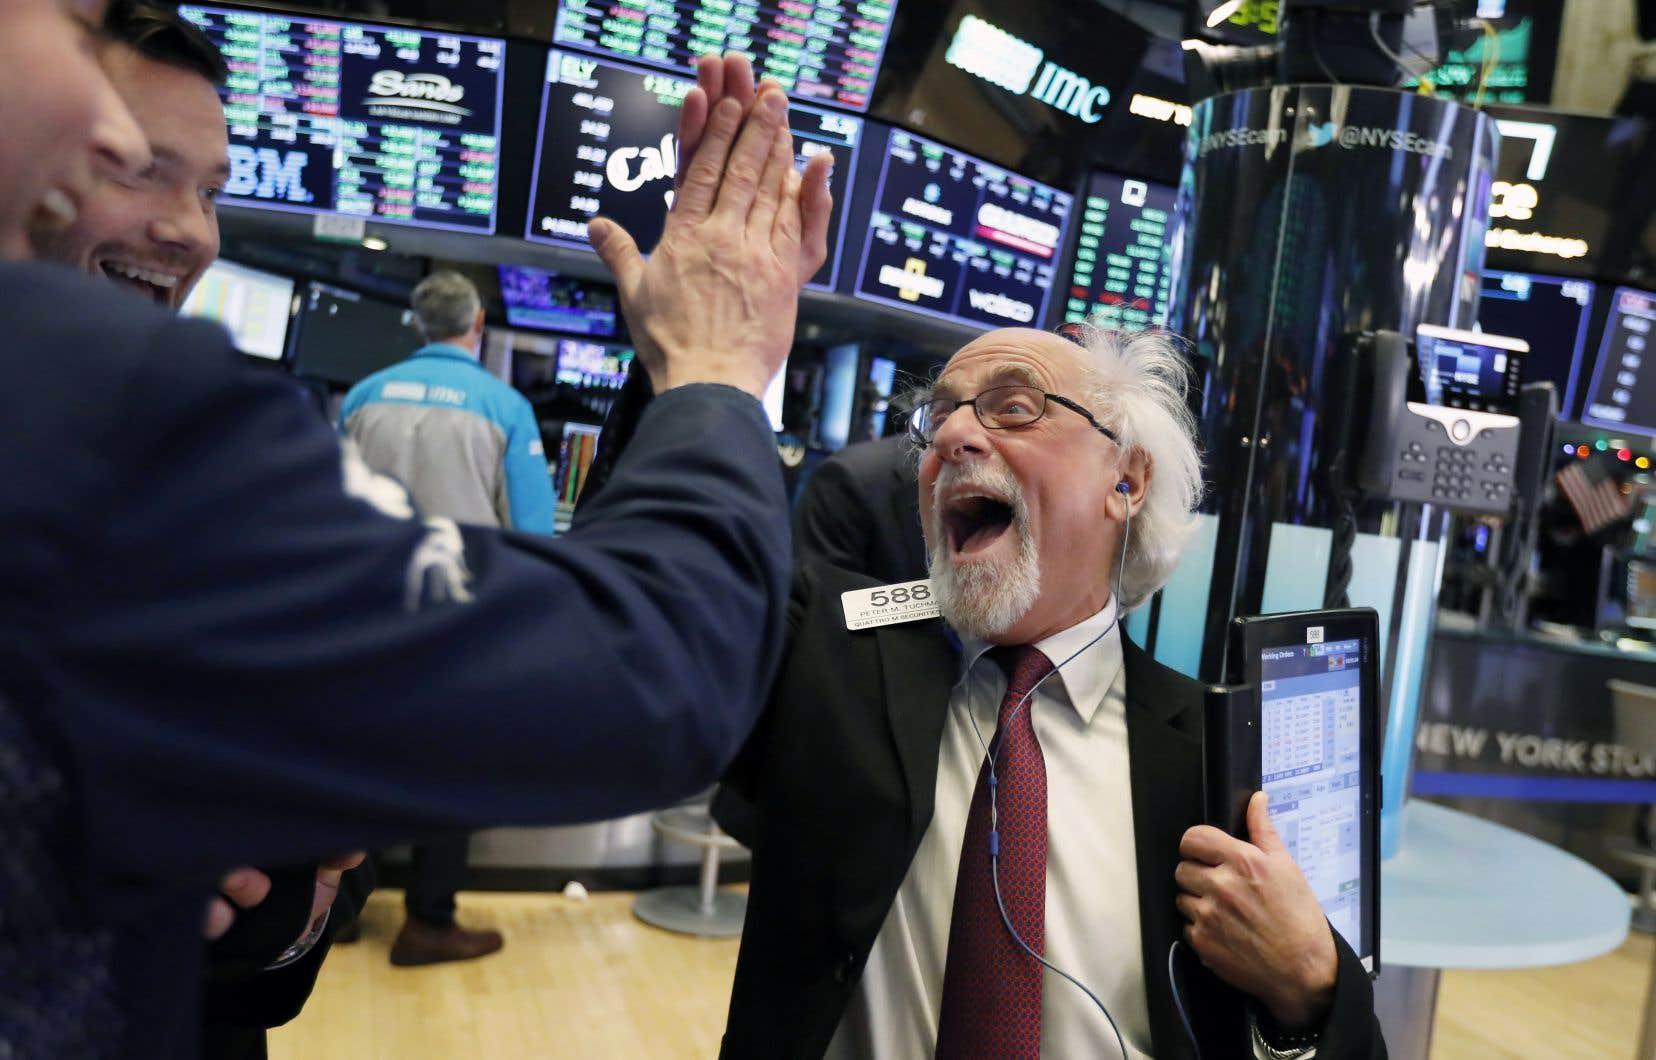 Wall Street, où le spectre d'un marché baissier menace de s'installer, a connu mercredi des gains importants: alors que l'indice S&P 500 et le Dow Jones ont chacun avancé d'environ 5%, le Nasdaq a pris près de 6%.